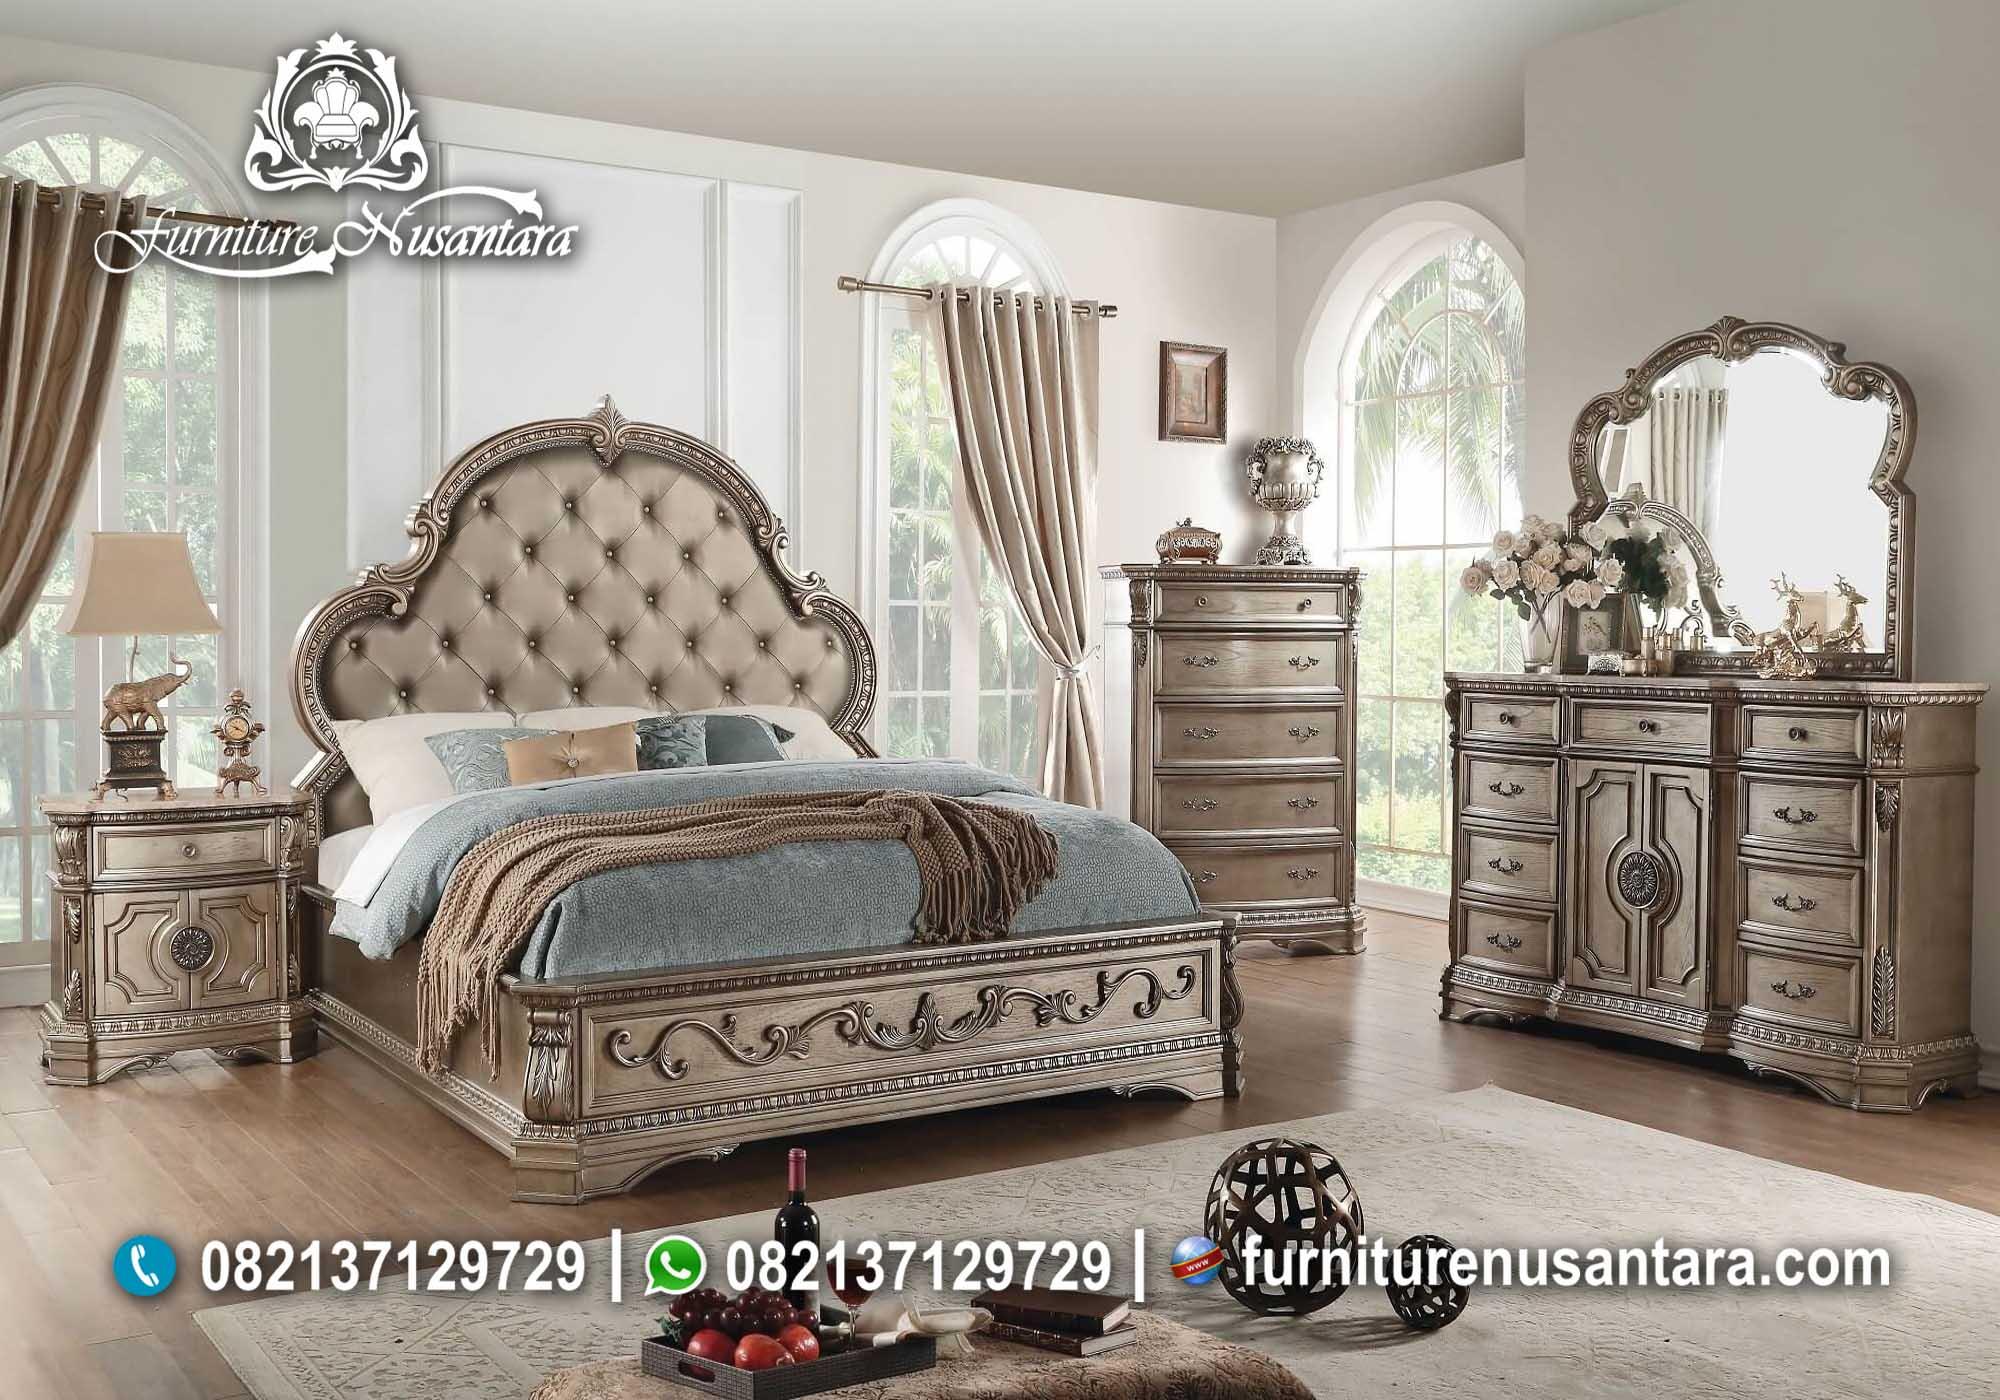 Jual Kamat Set Custom KS-27, Furniture Nusantara